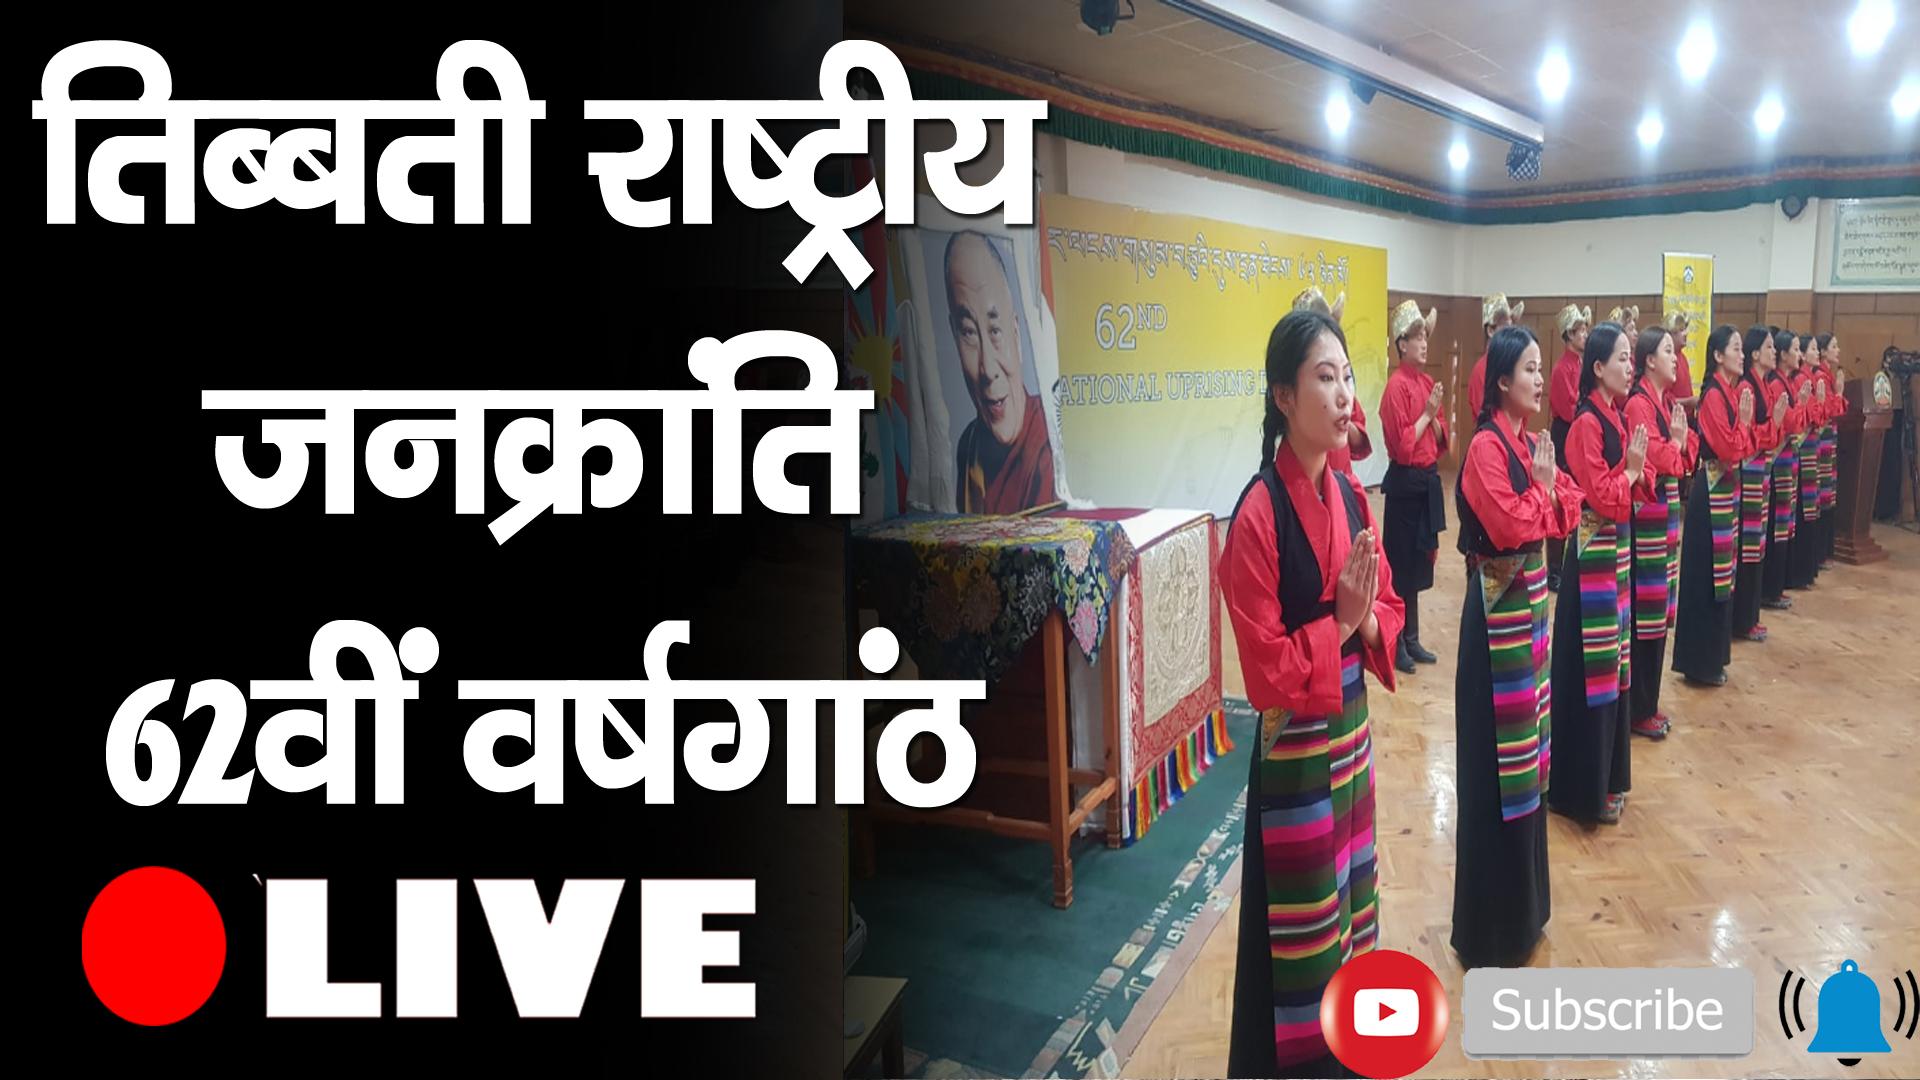 तिब्बती राष्ट्रीय जनक्रांति-62वीं वर्षगांठ